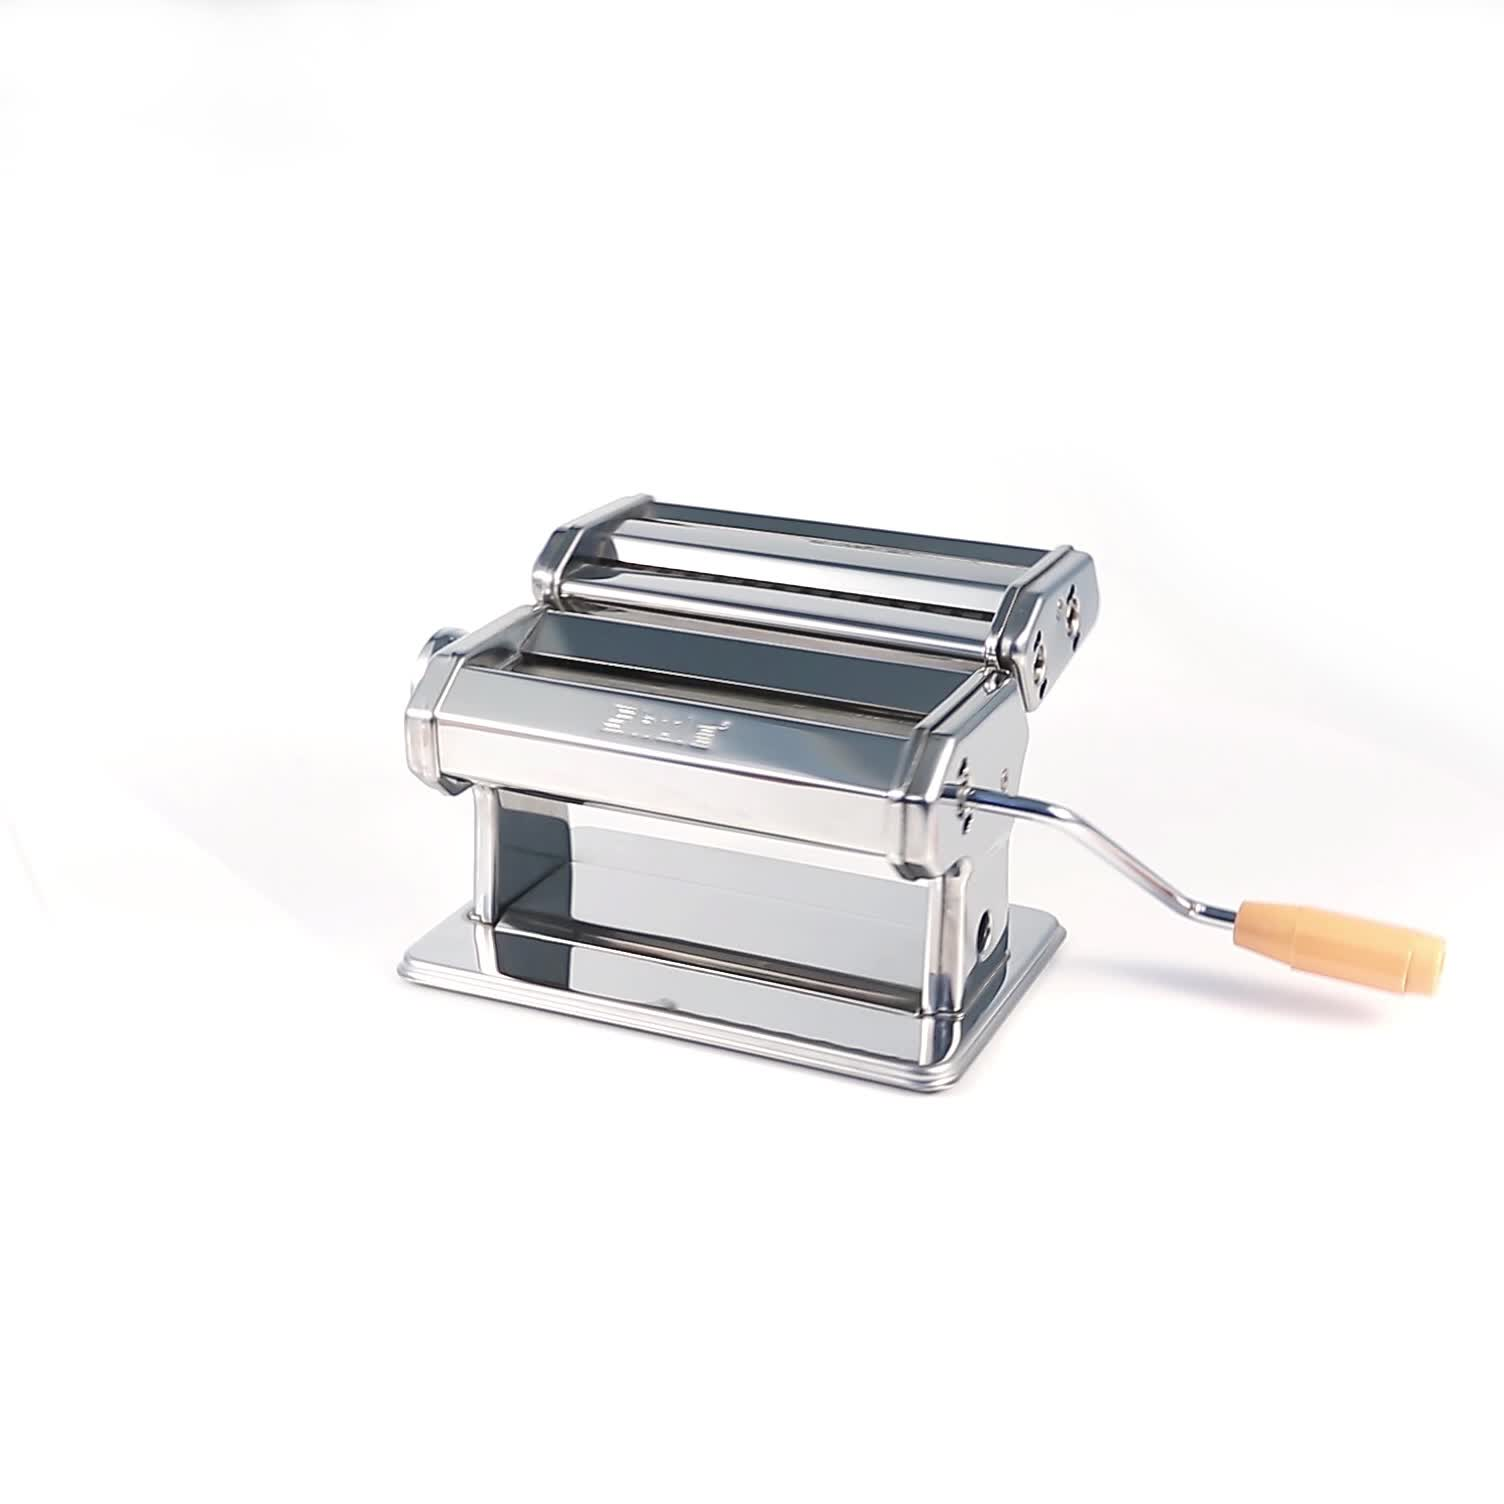 नूडल निर्माता होम ताजा हाथ संचालित स्टेनलेस स्टील पास्ता बनाने की मशीन इटली